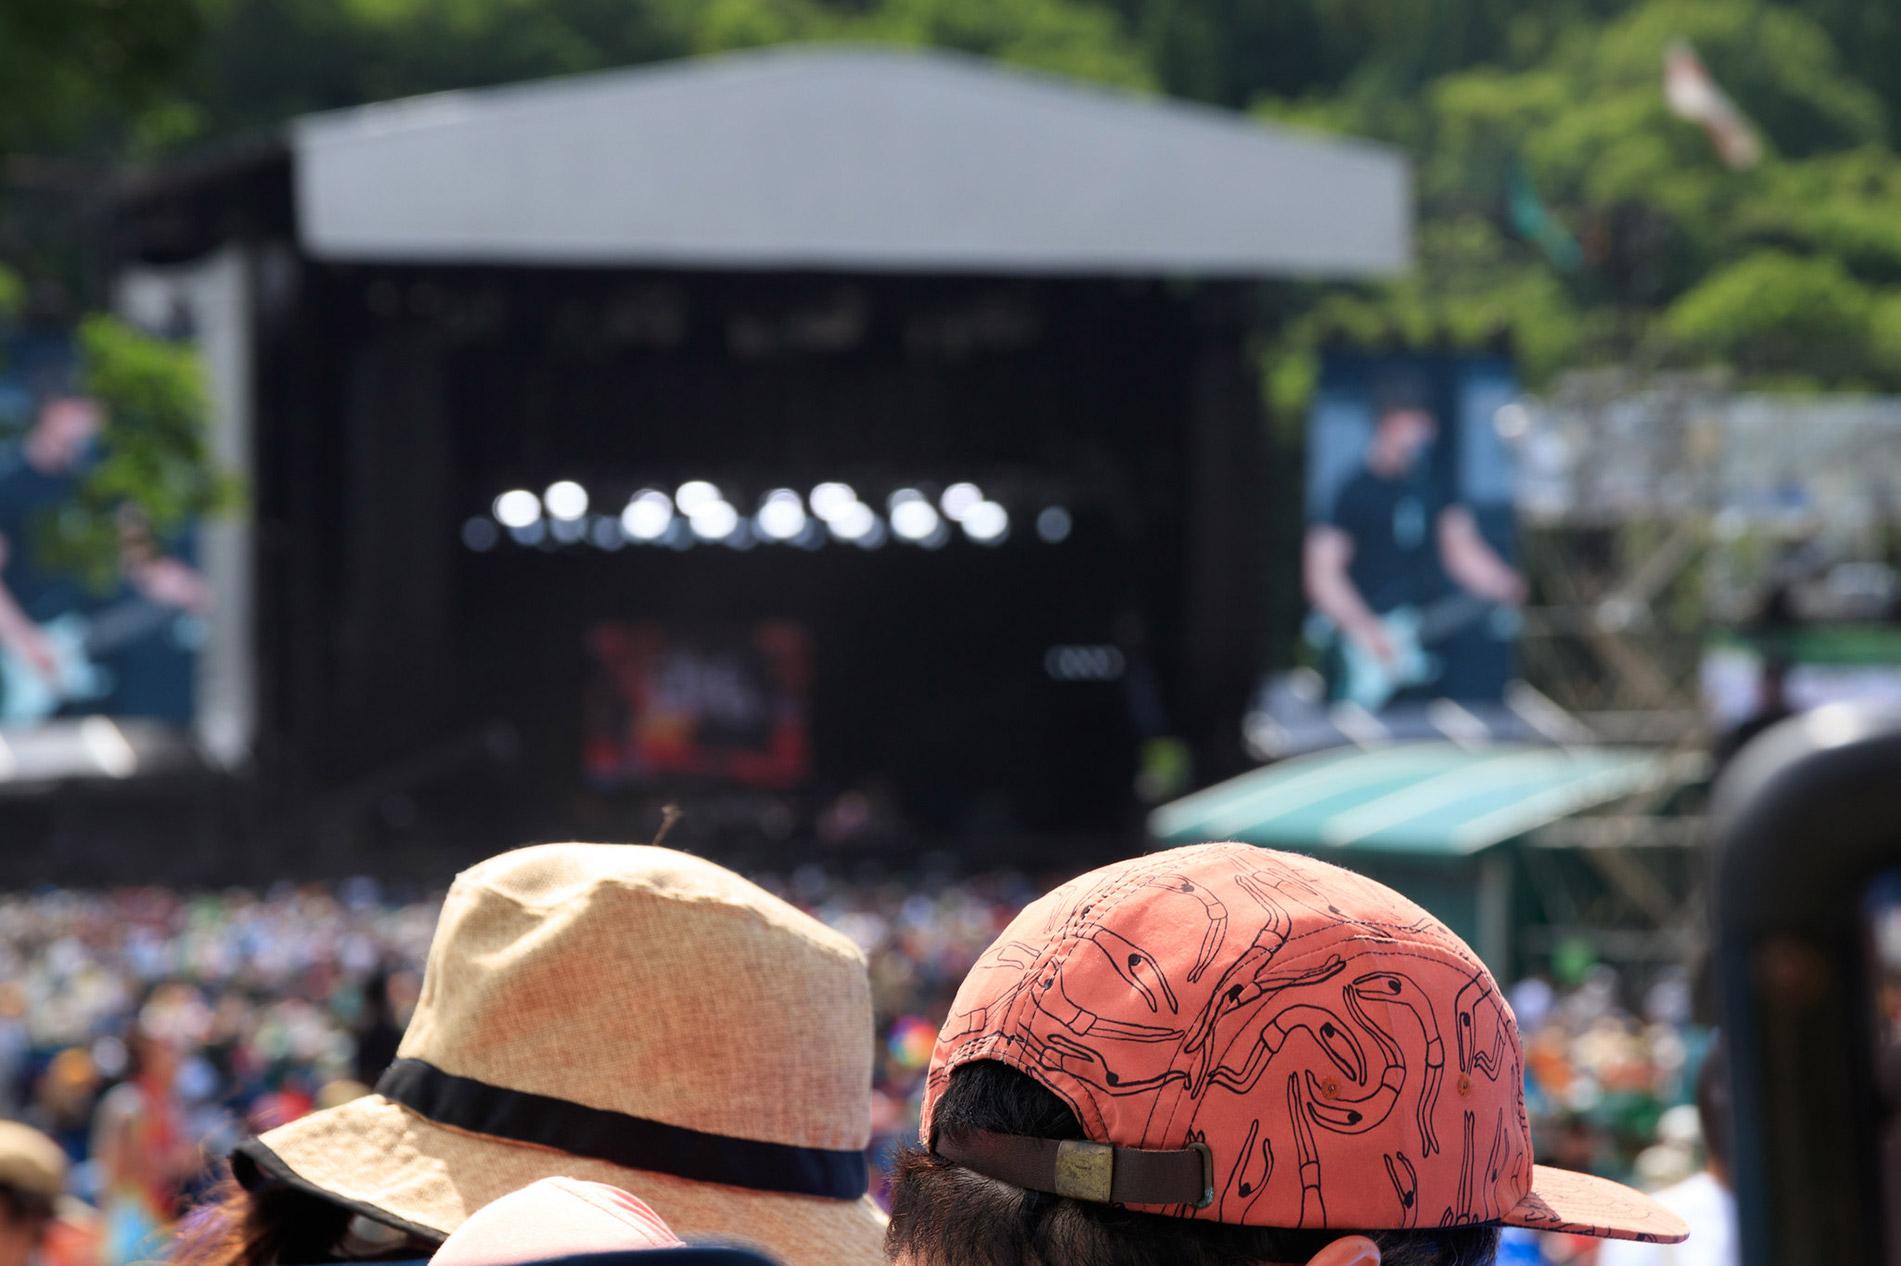 Japans größtes Sommer-Outdoor-Musikereignis, das Fuji Rock Festival, lockt jedes Jahr 100.000 Besucher aus aller Welt an. (Foto: t.kunikuni auf Flickr https://www.flickr.com/photos/135459711@N05/28331452080 CC BY-SA 2.0)